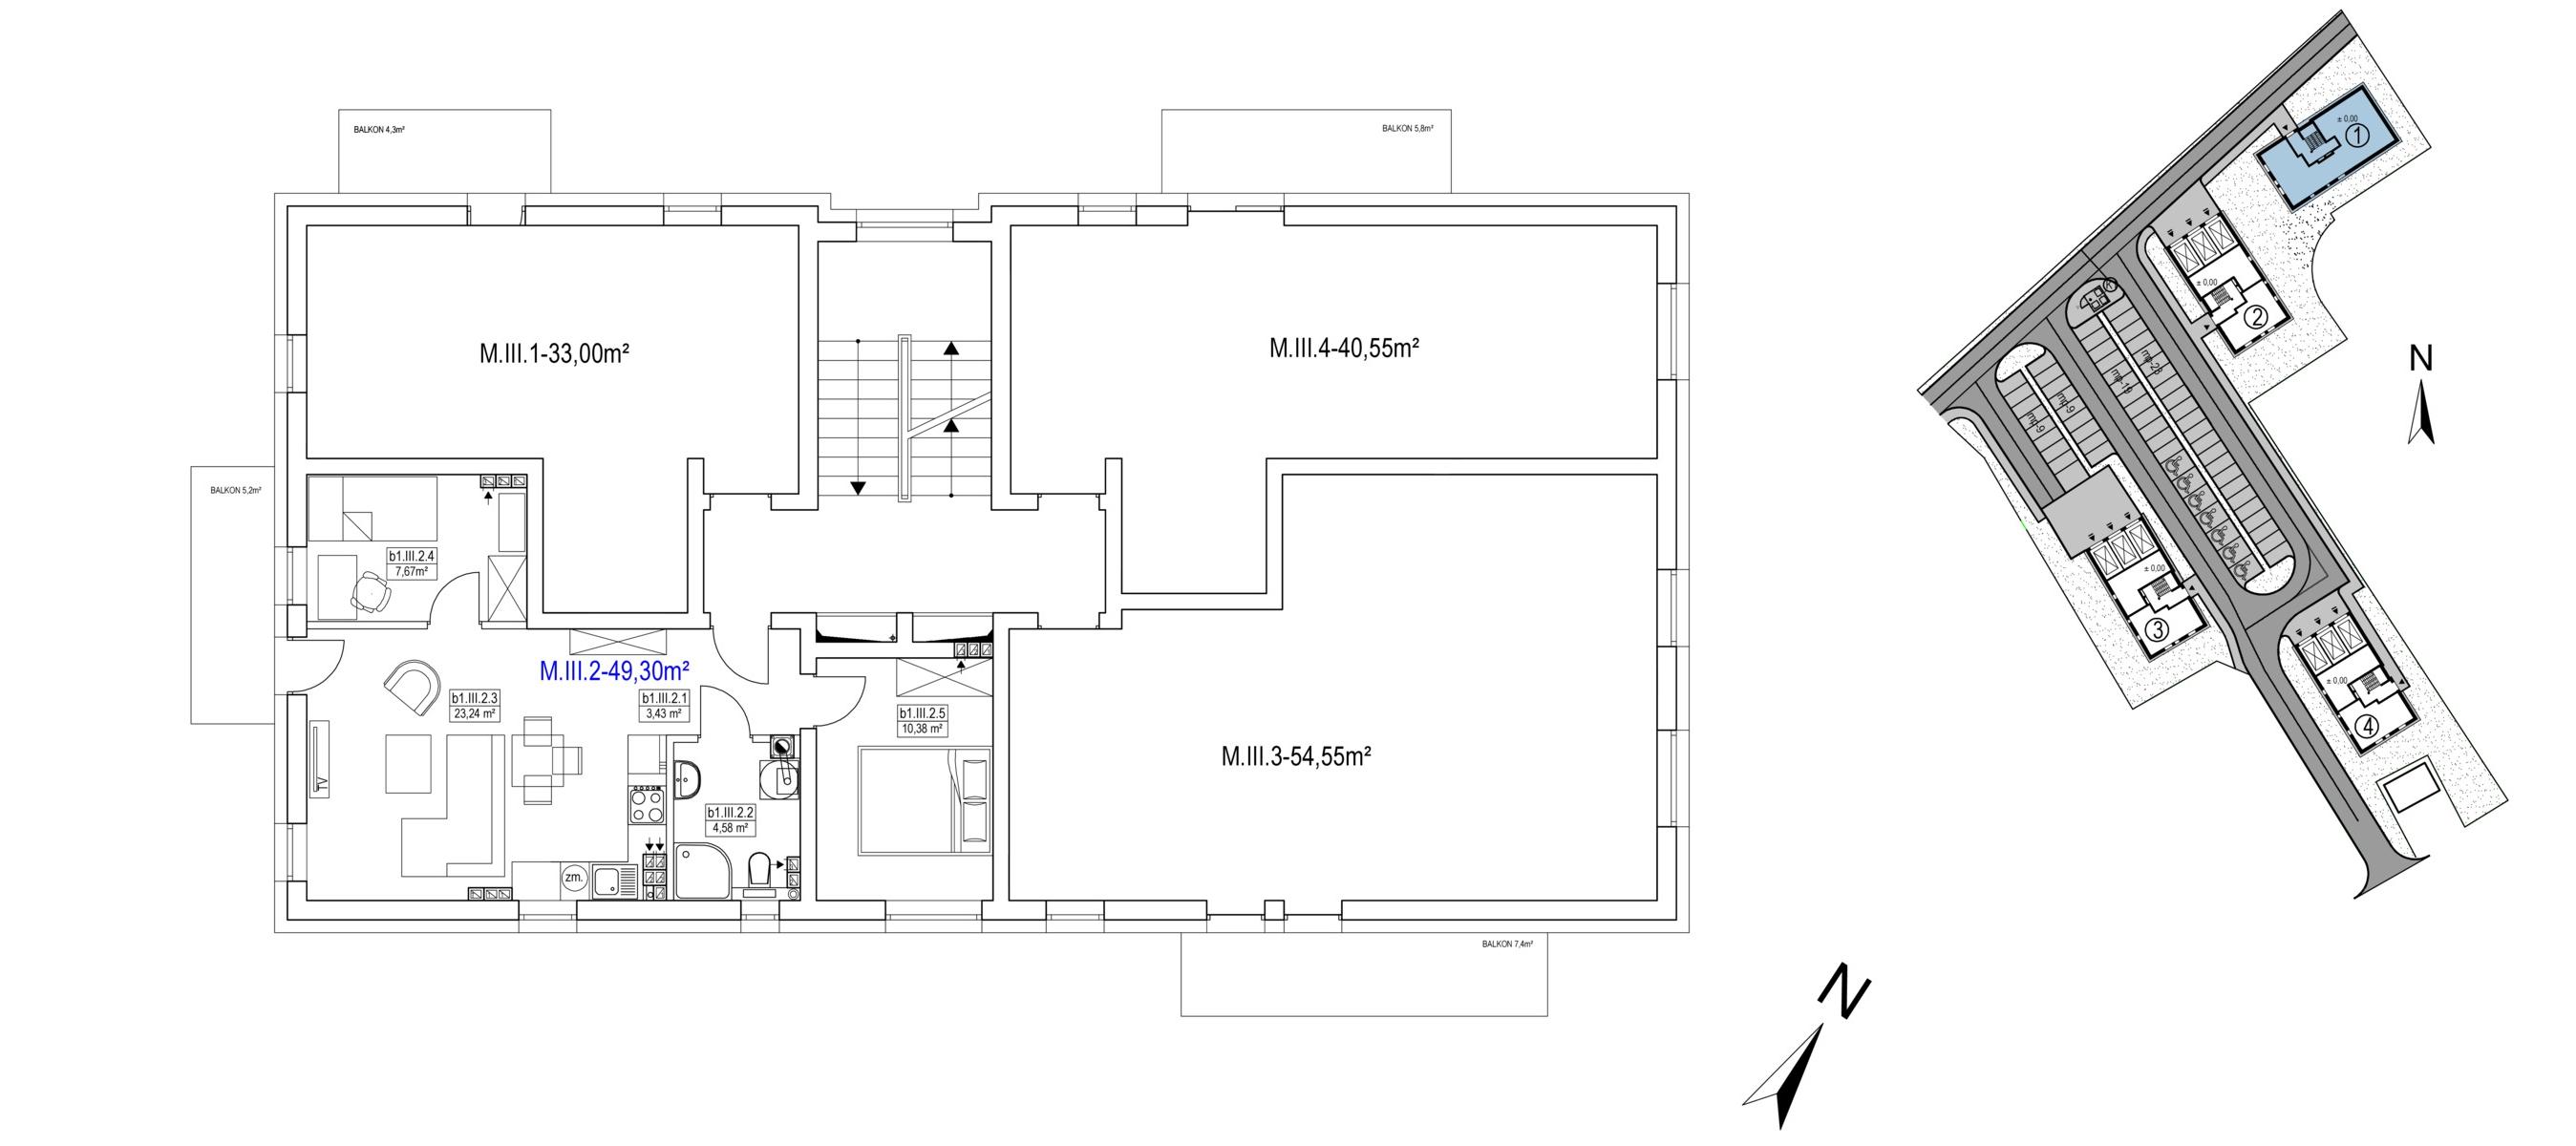 /assets/img/flats/B1.M.III.2.jpg